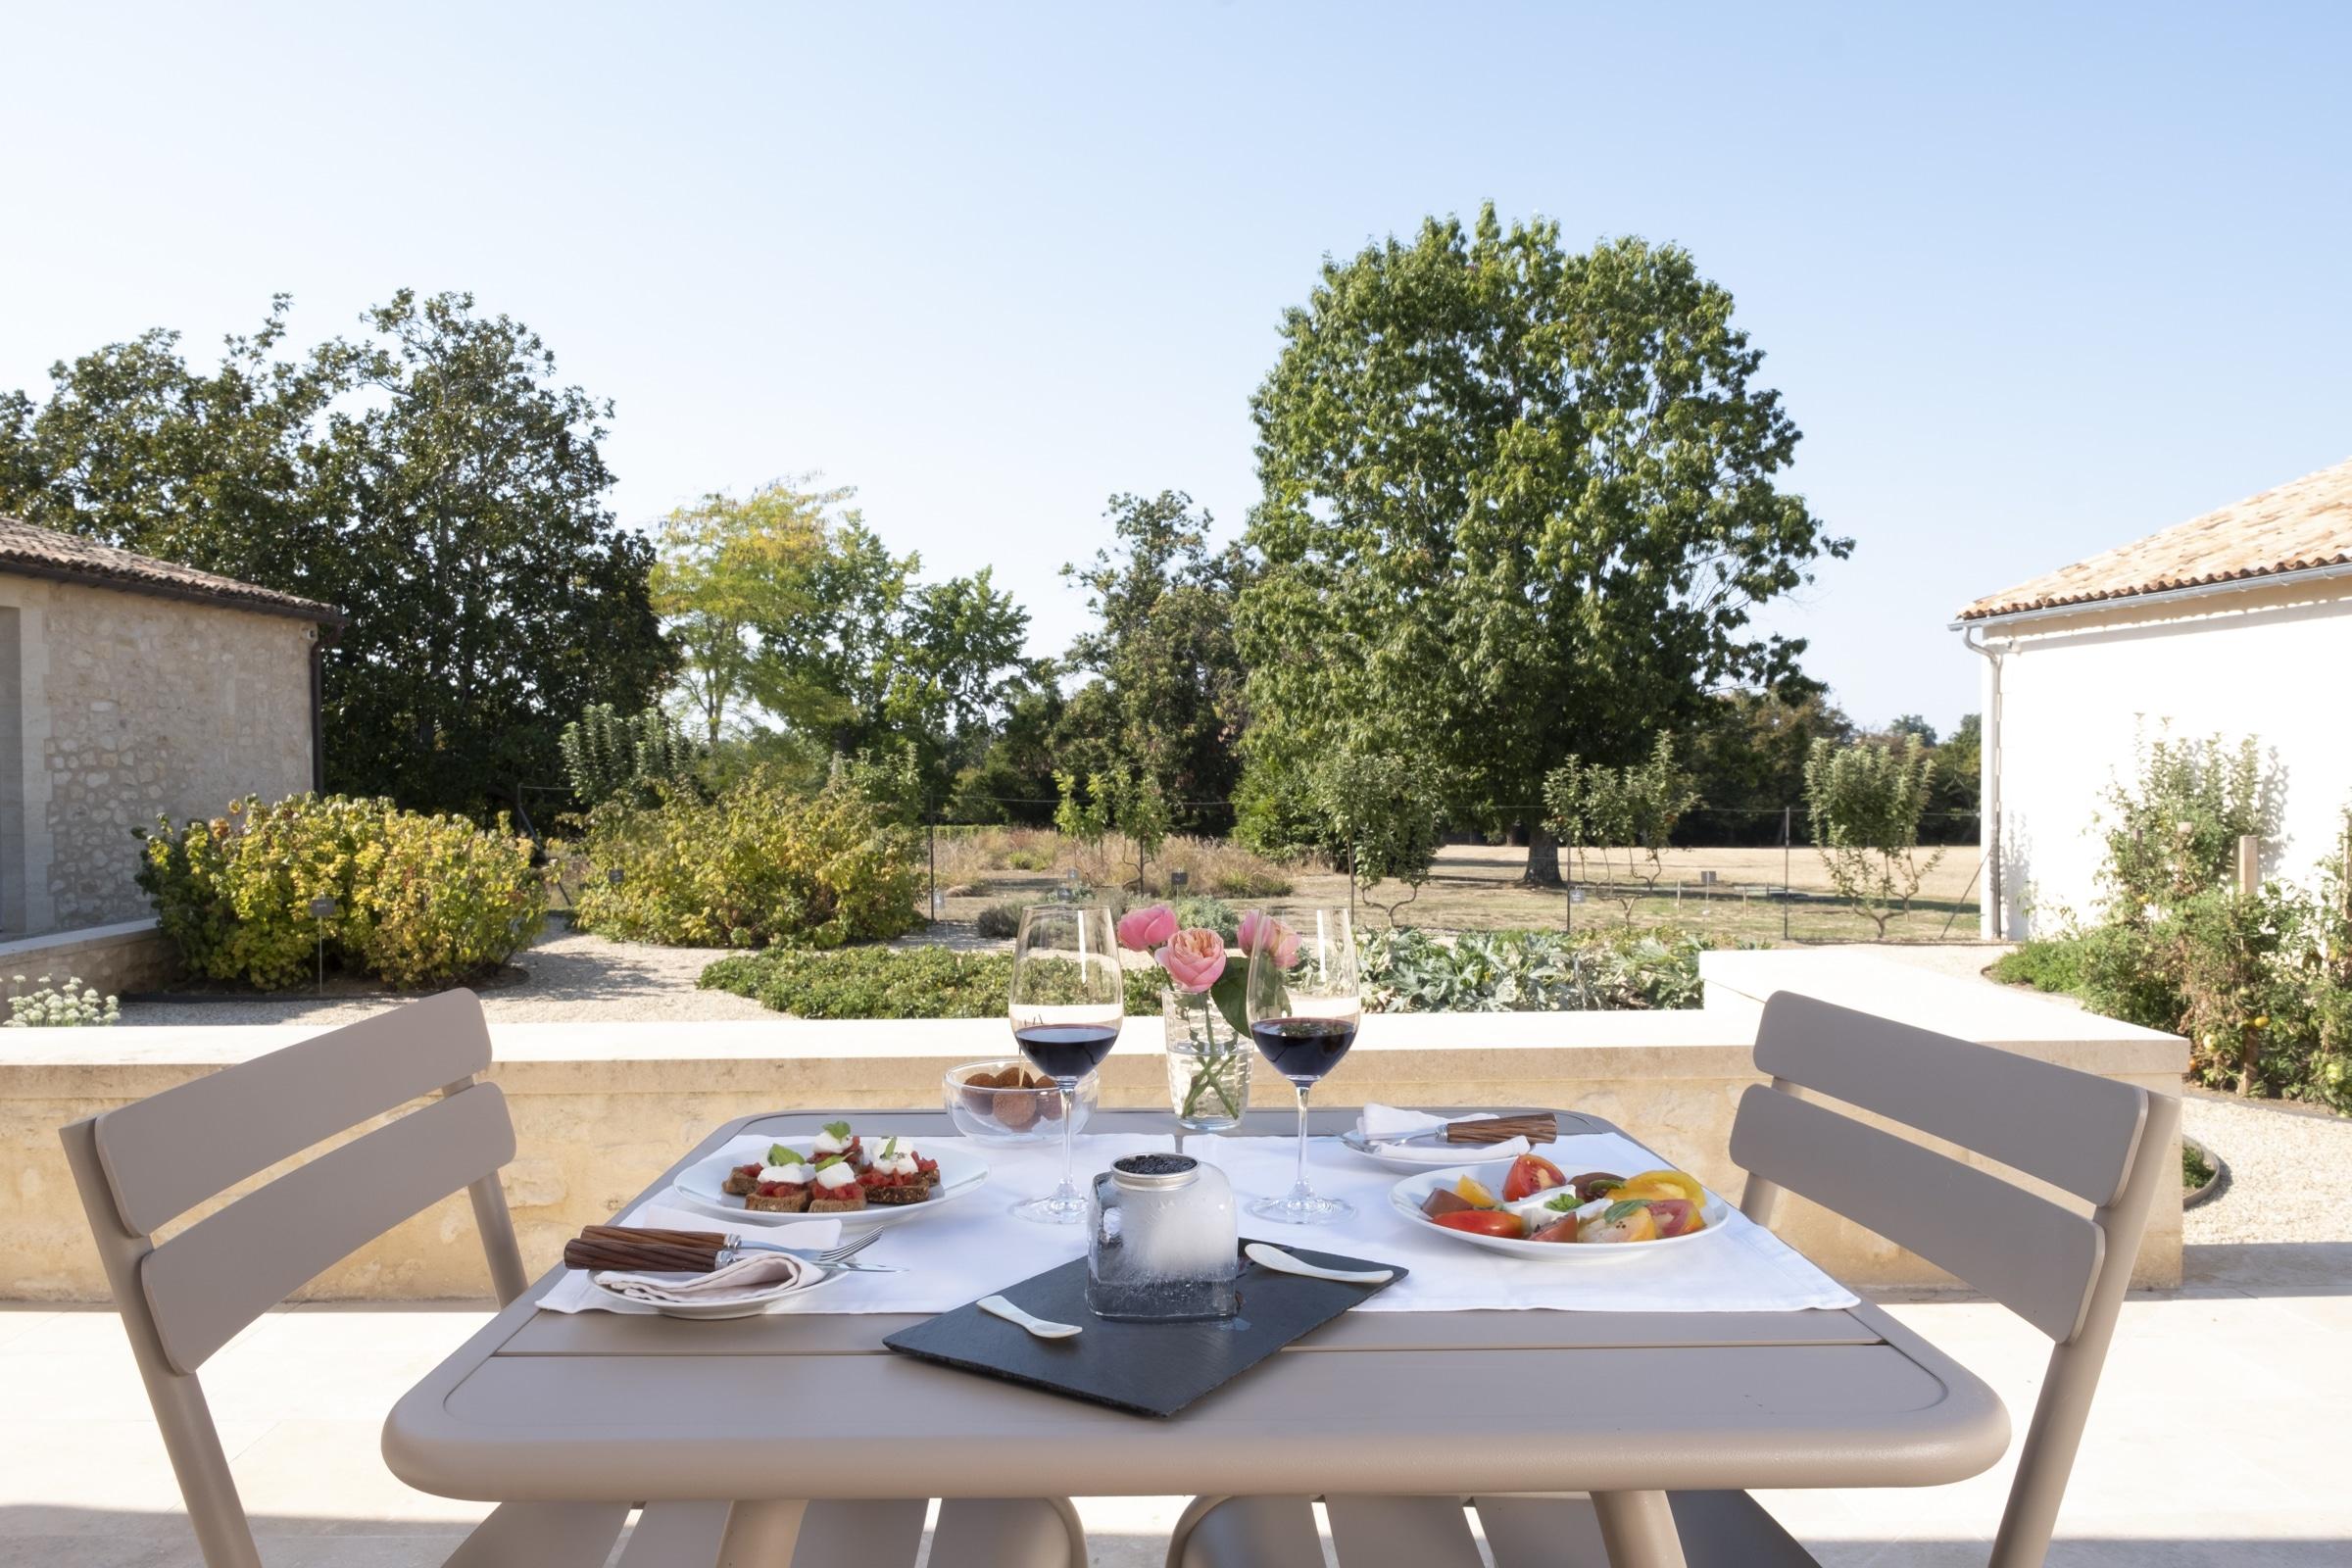 petits plats maison et verres de vin servis sur la terrasse du chateau avec vue sur le potager